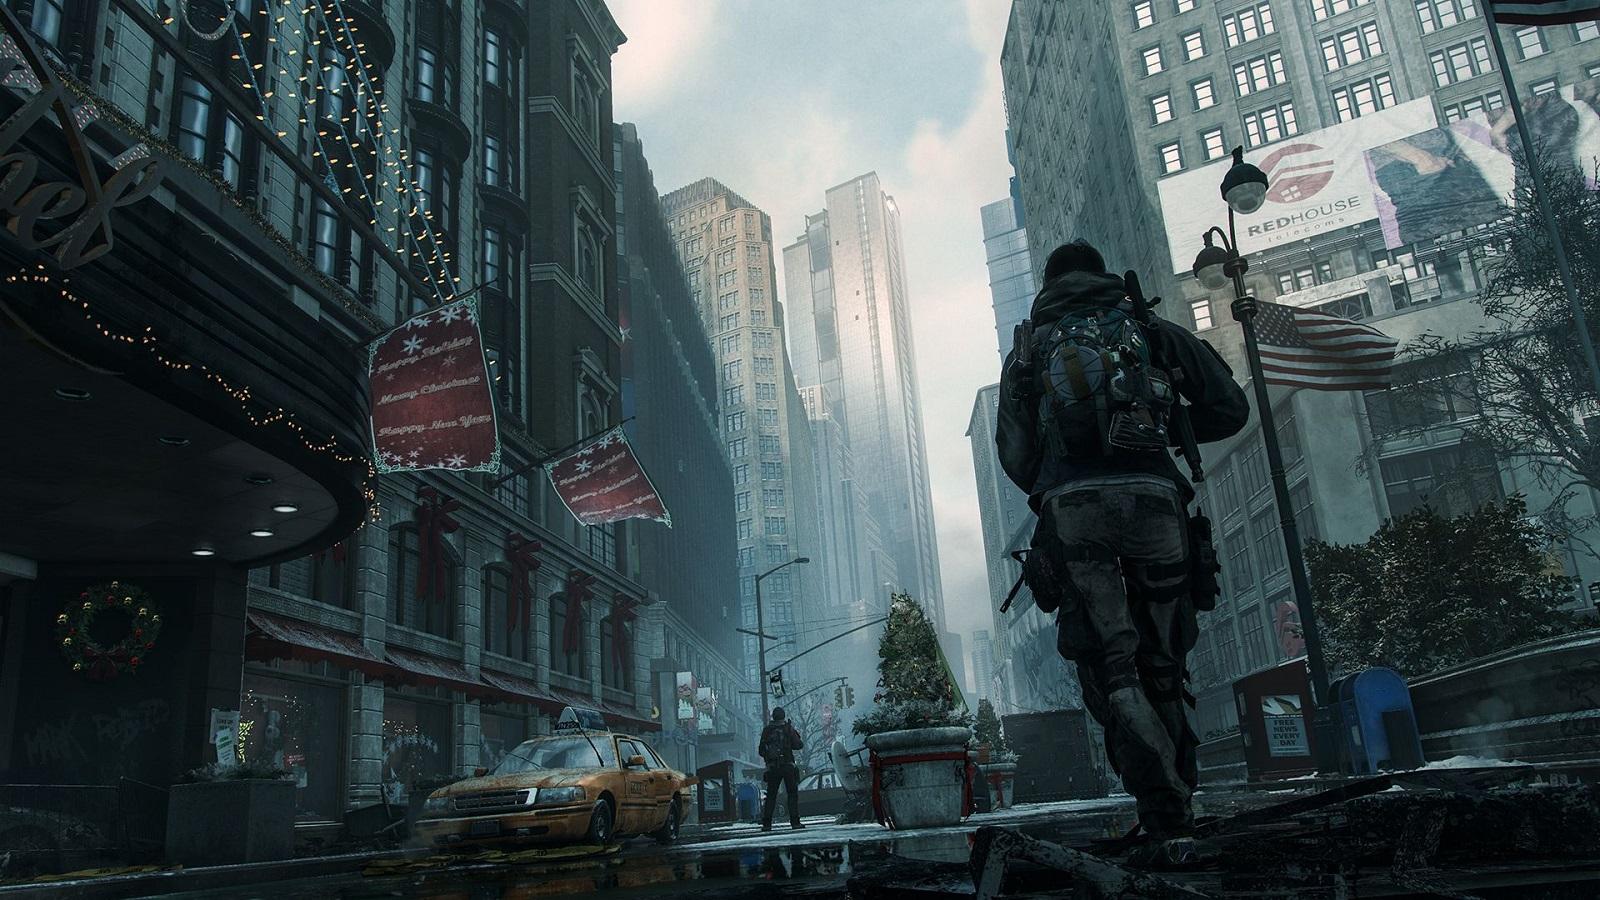 Обои здания, ubisoft entertainment, Tom clancys the division. Игры foto 16